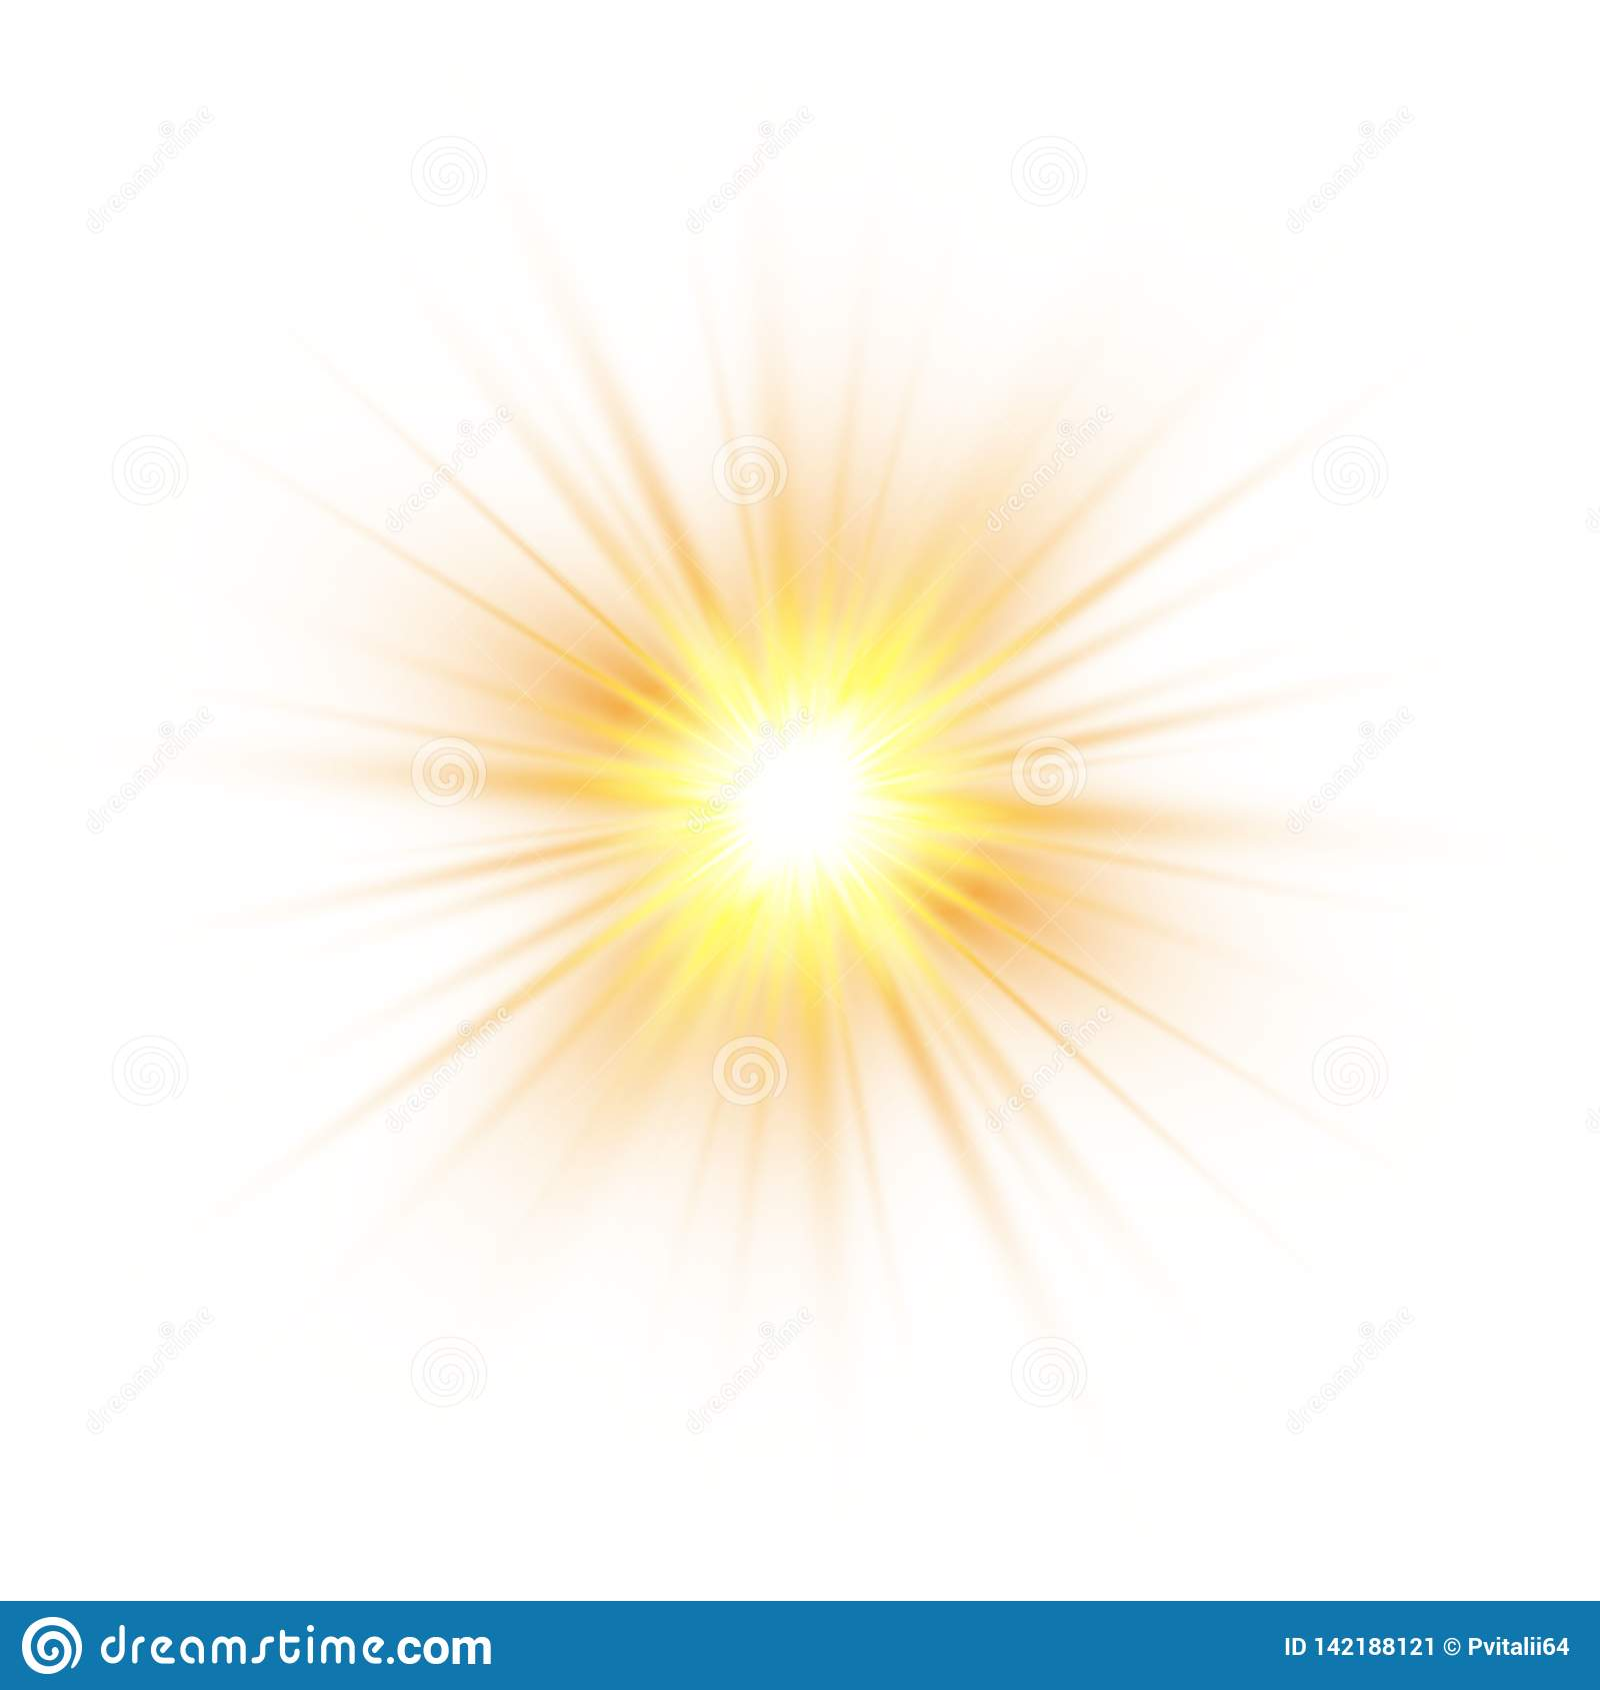 Incandesce o efeito da luz, explosão, brilho, faísca, flash do sol Ilustração do vetor